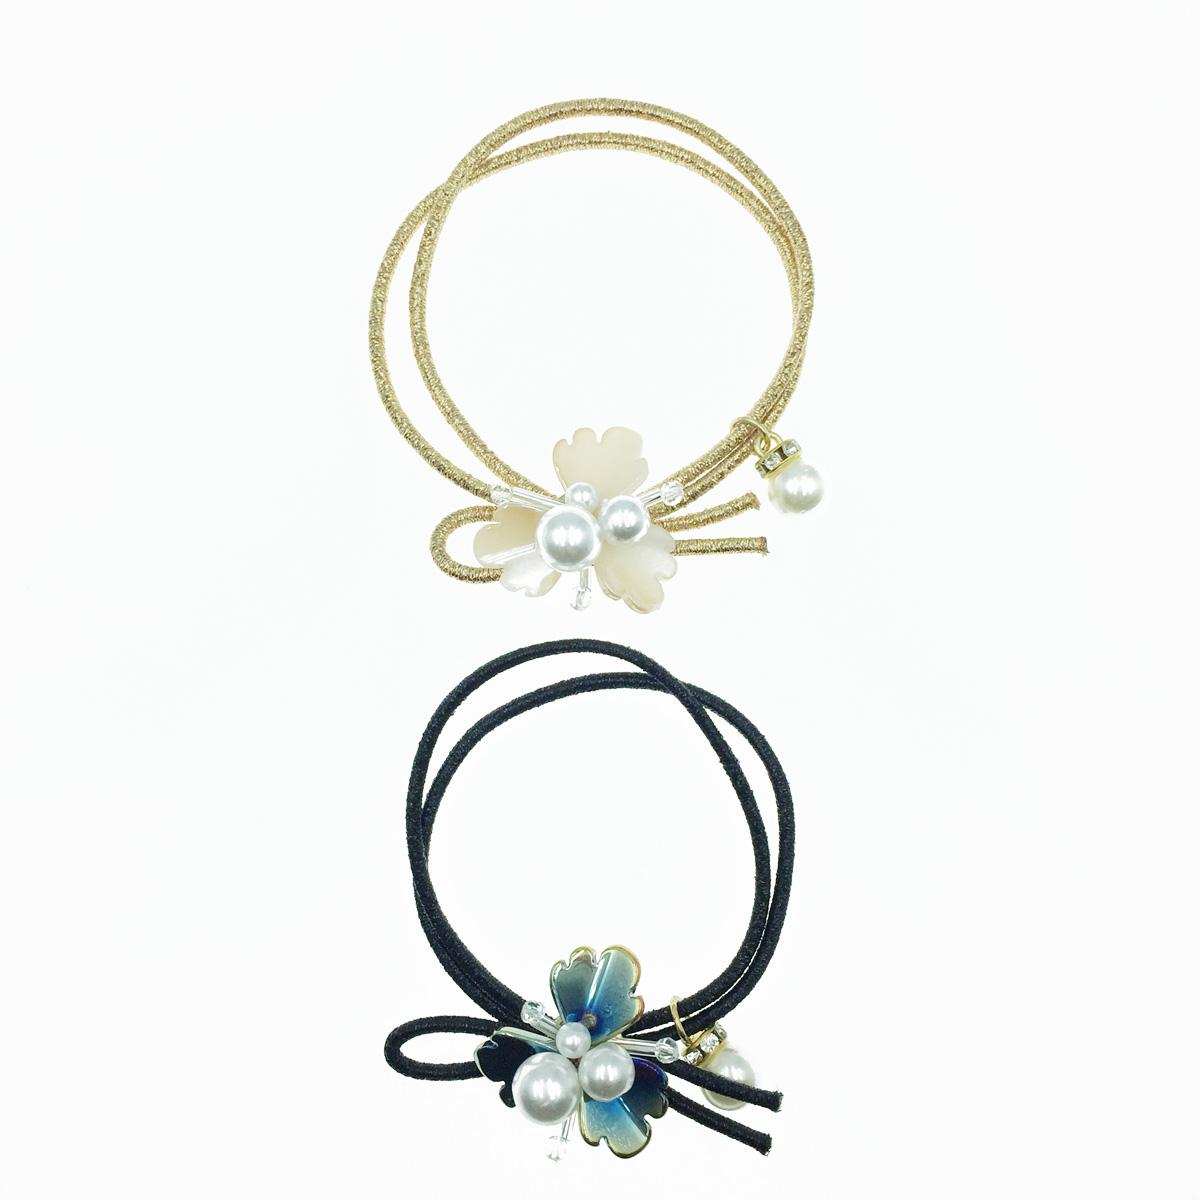 韓國 花造型 珍珠 髮飾 髮束